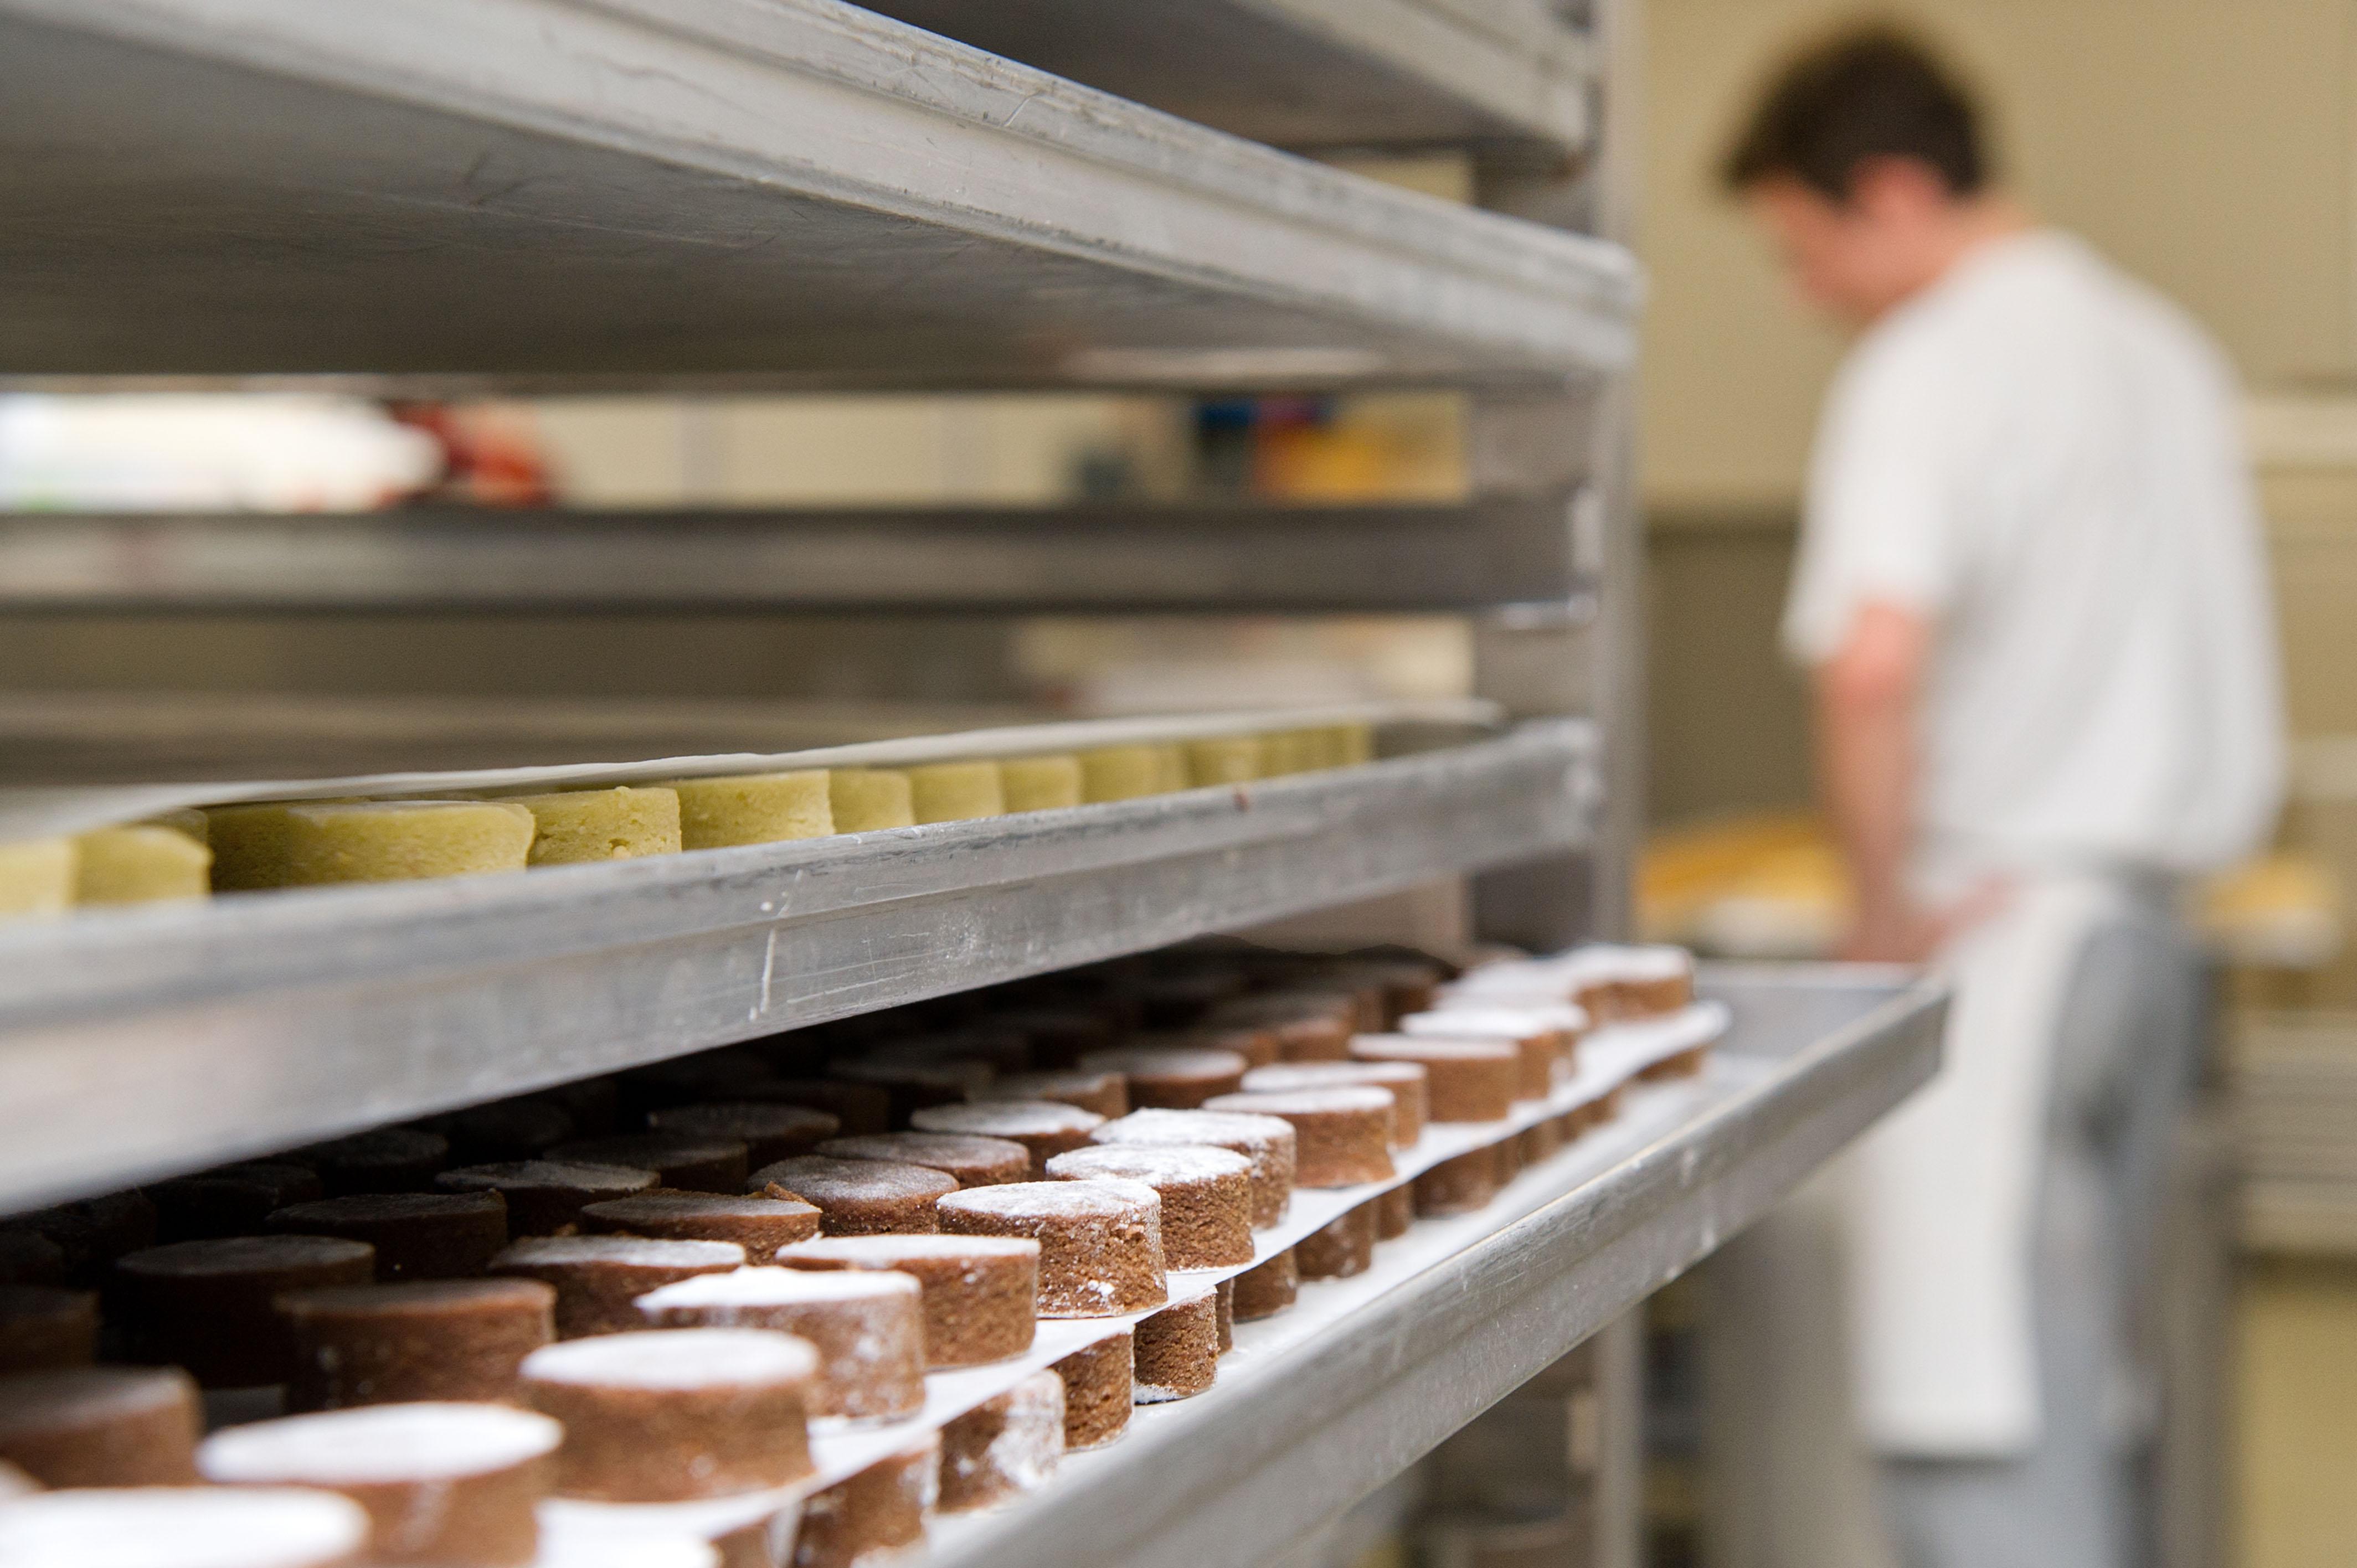 Zahlreiche Bleche mit Pralinenrohmasse liegen am 25.10.2012 in der Backstube der Confiserie Reichert in Berlin zur Weiterverarbeitung.